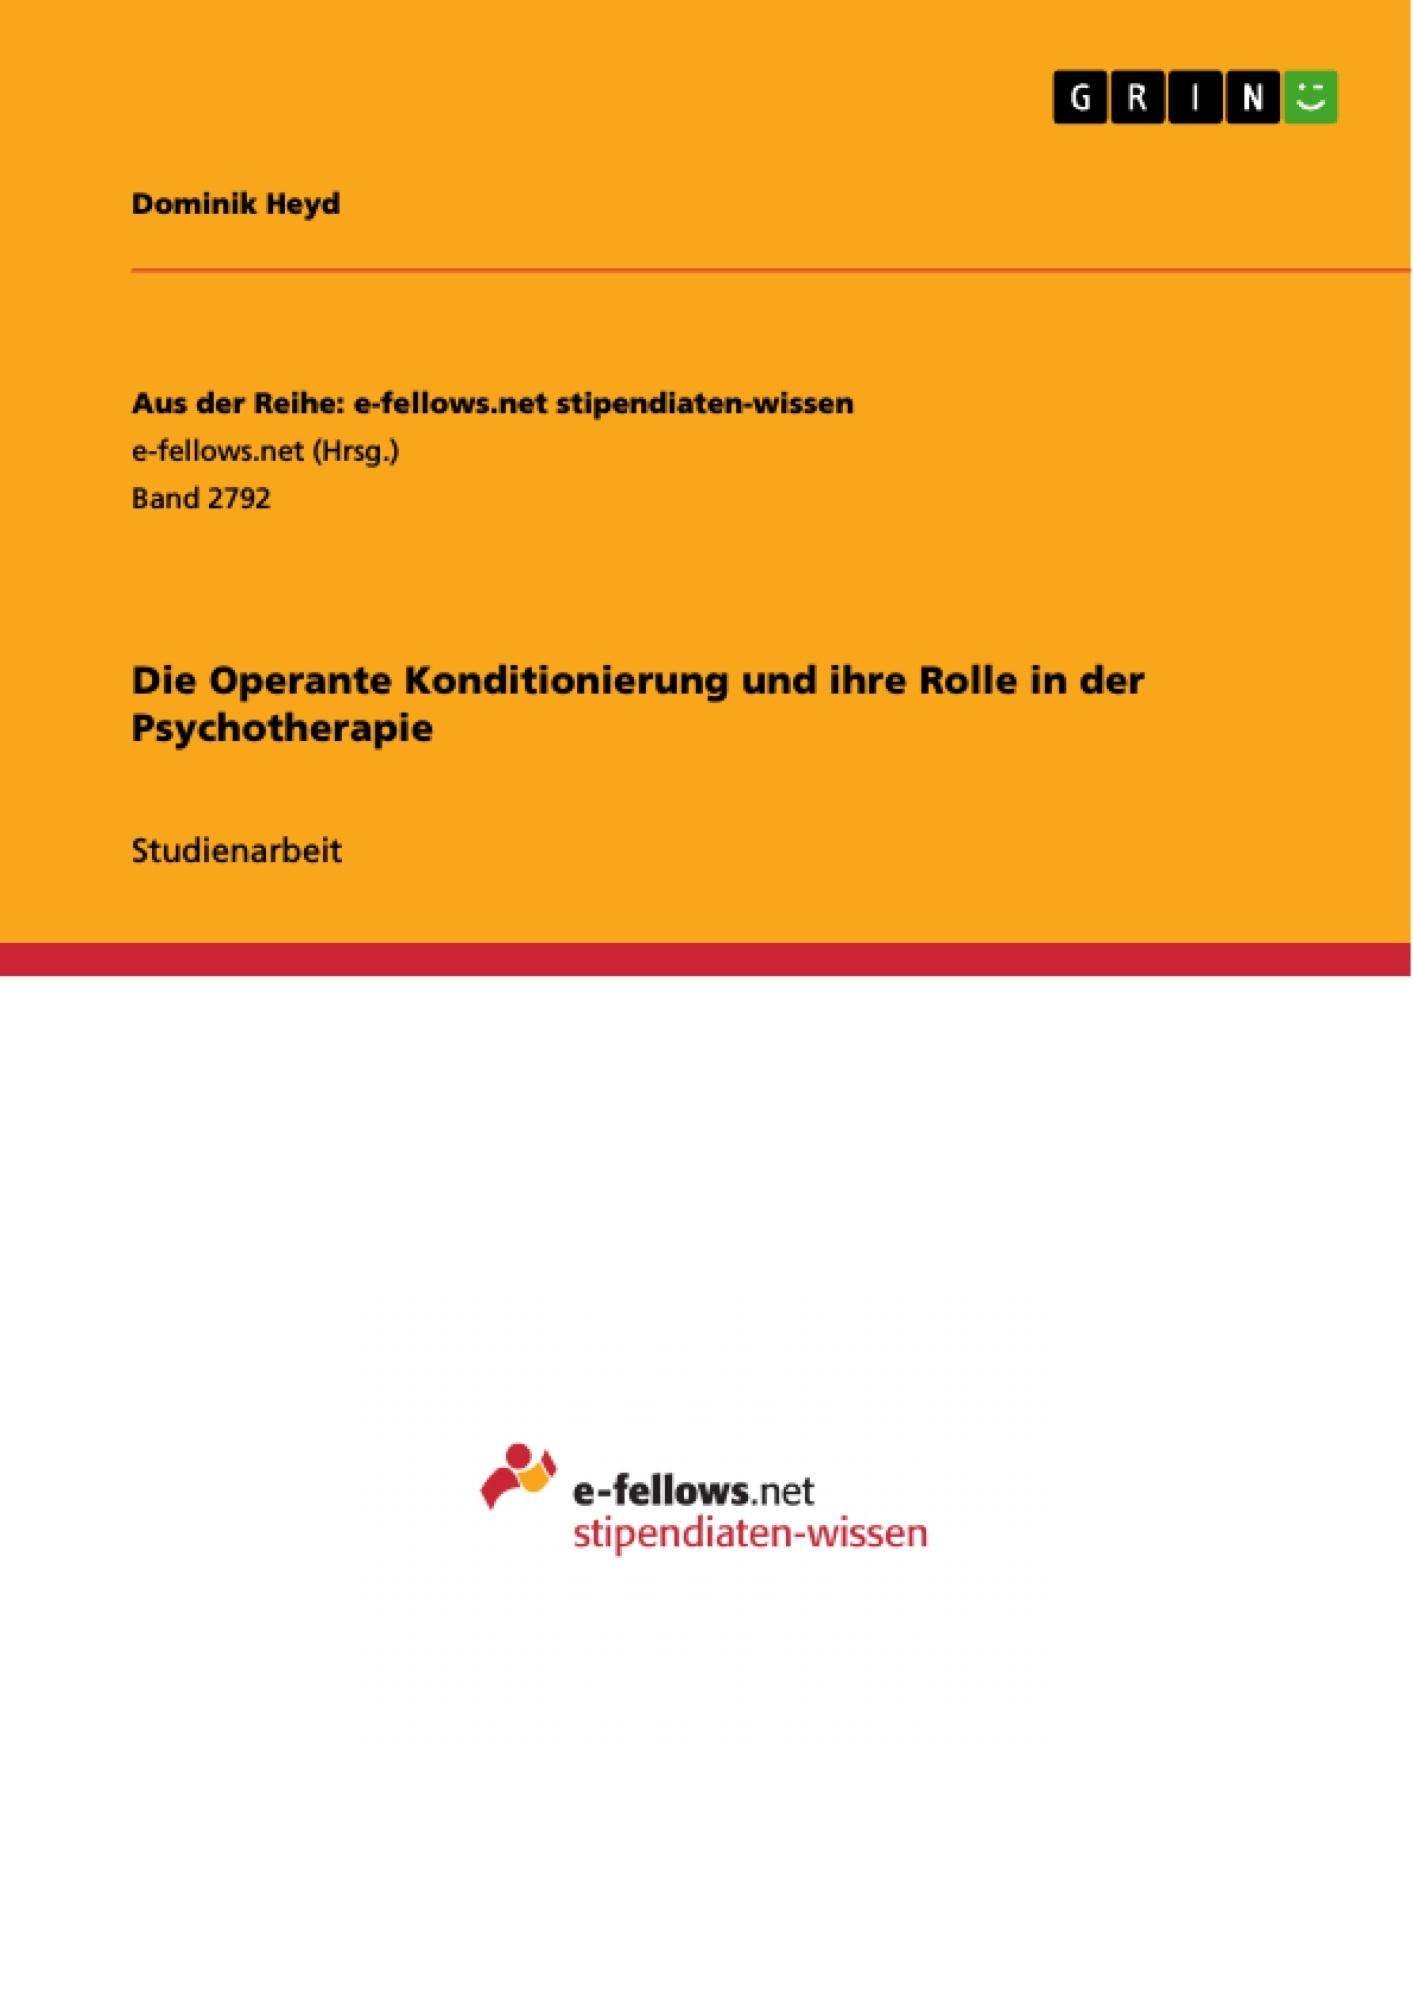 Titel: Die Operante Konditionierung und ihre Rolle in der Psychotherapie